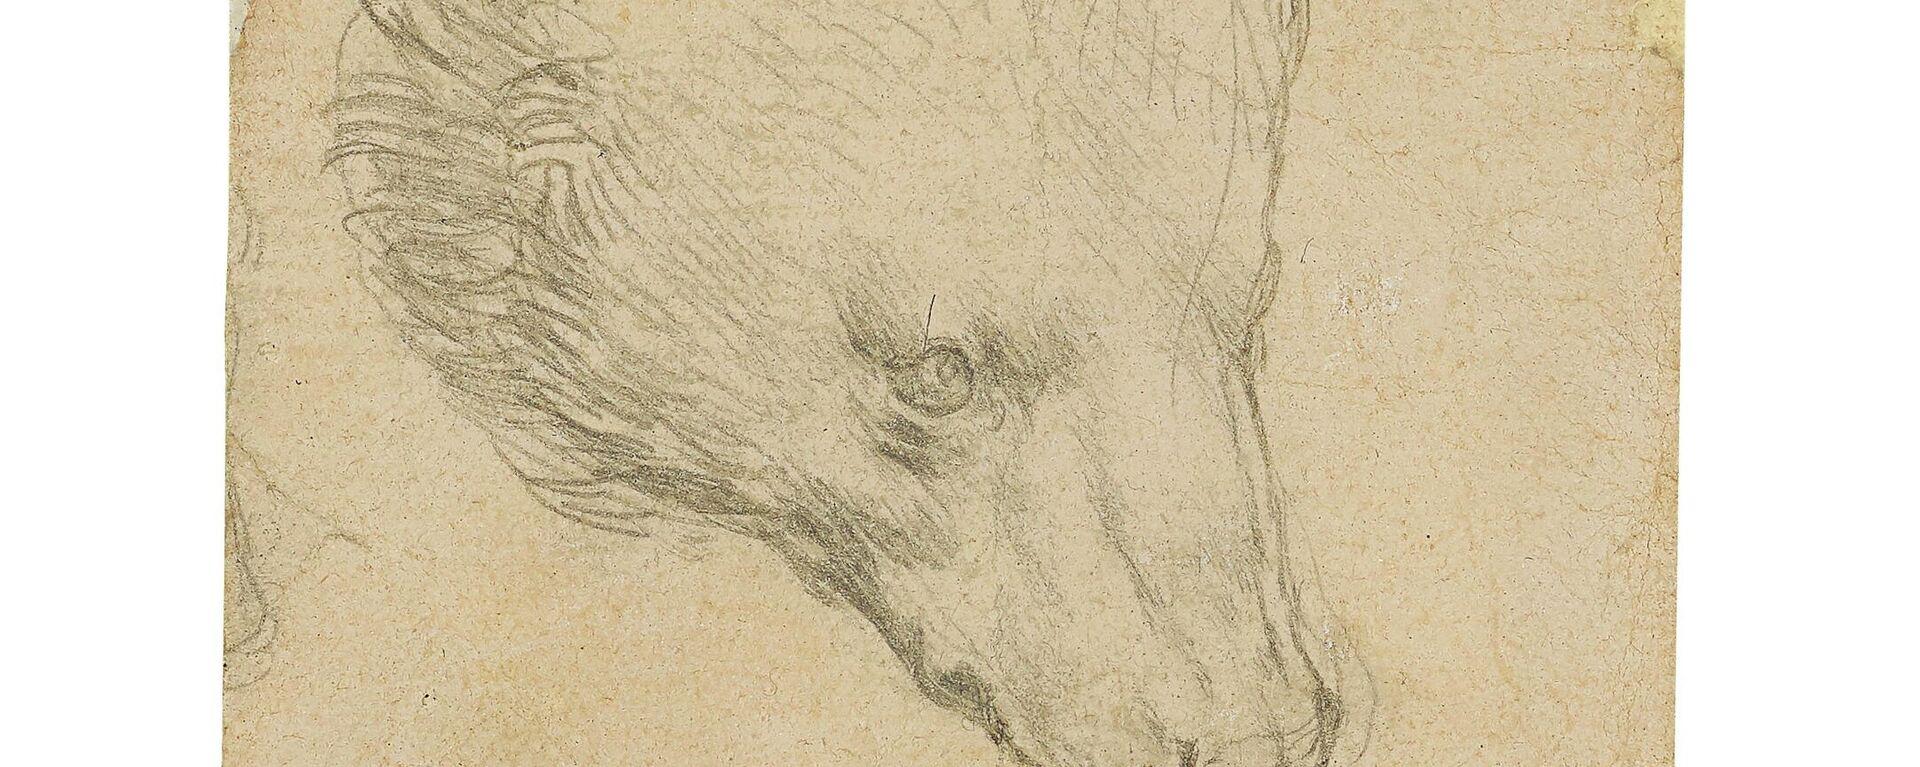 """Zeichnung """"Kopf eines Bären"""" von Leonardo da Vinci  - SNA, 1920, 08.05.2021"""